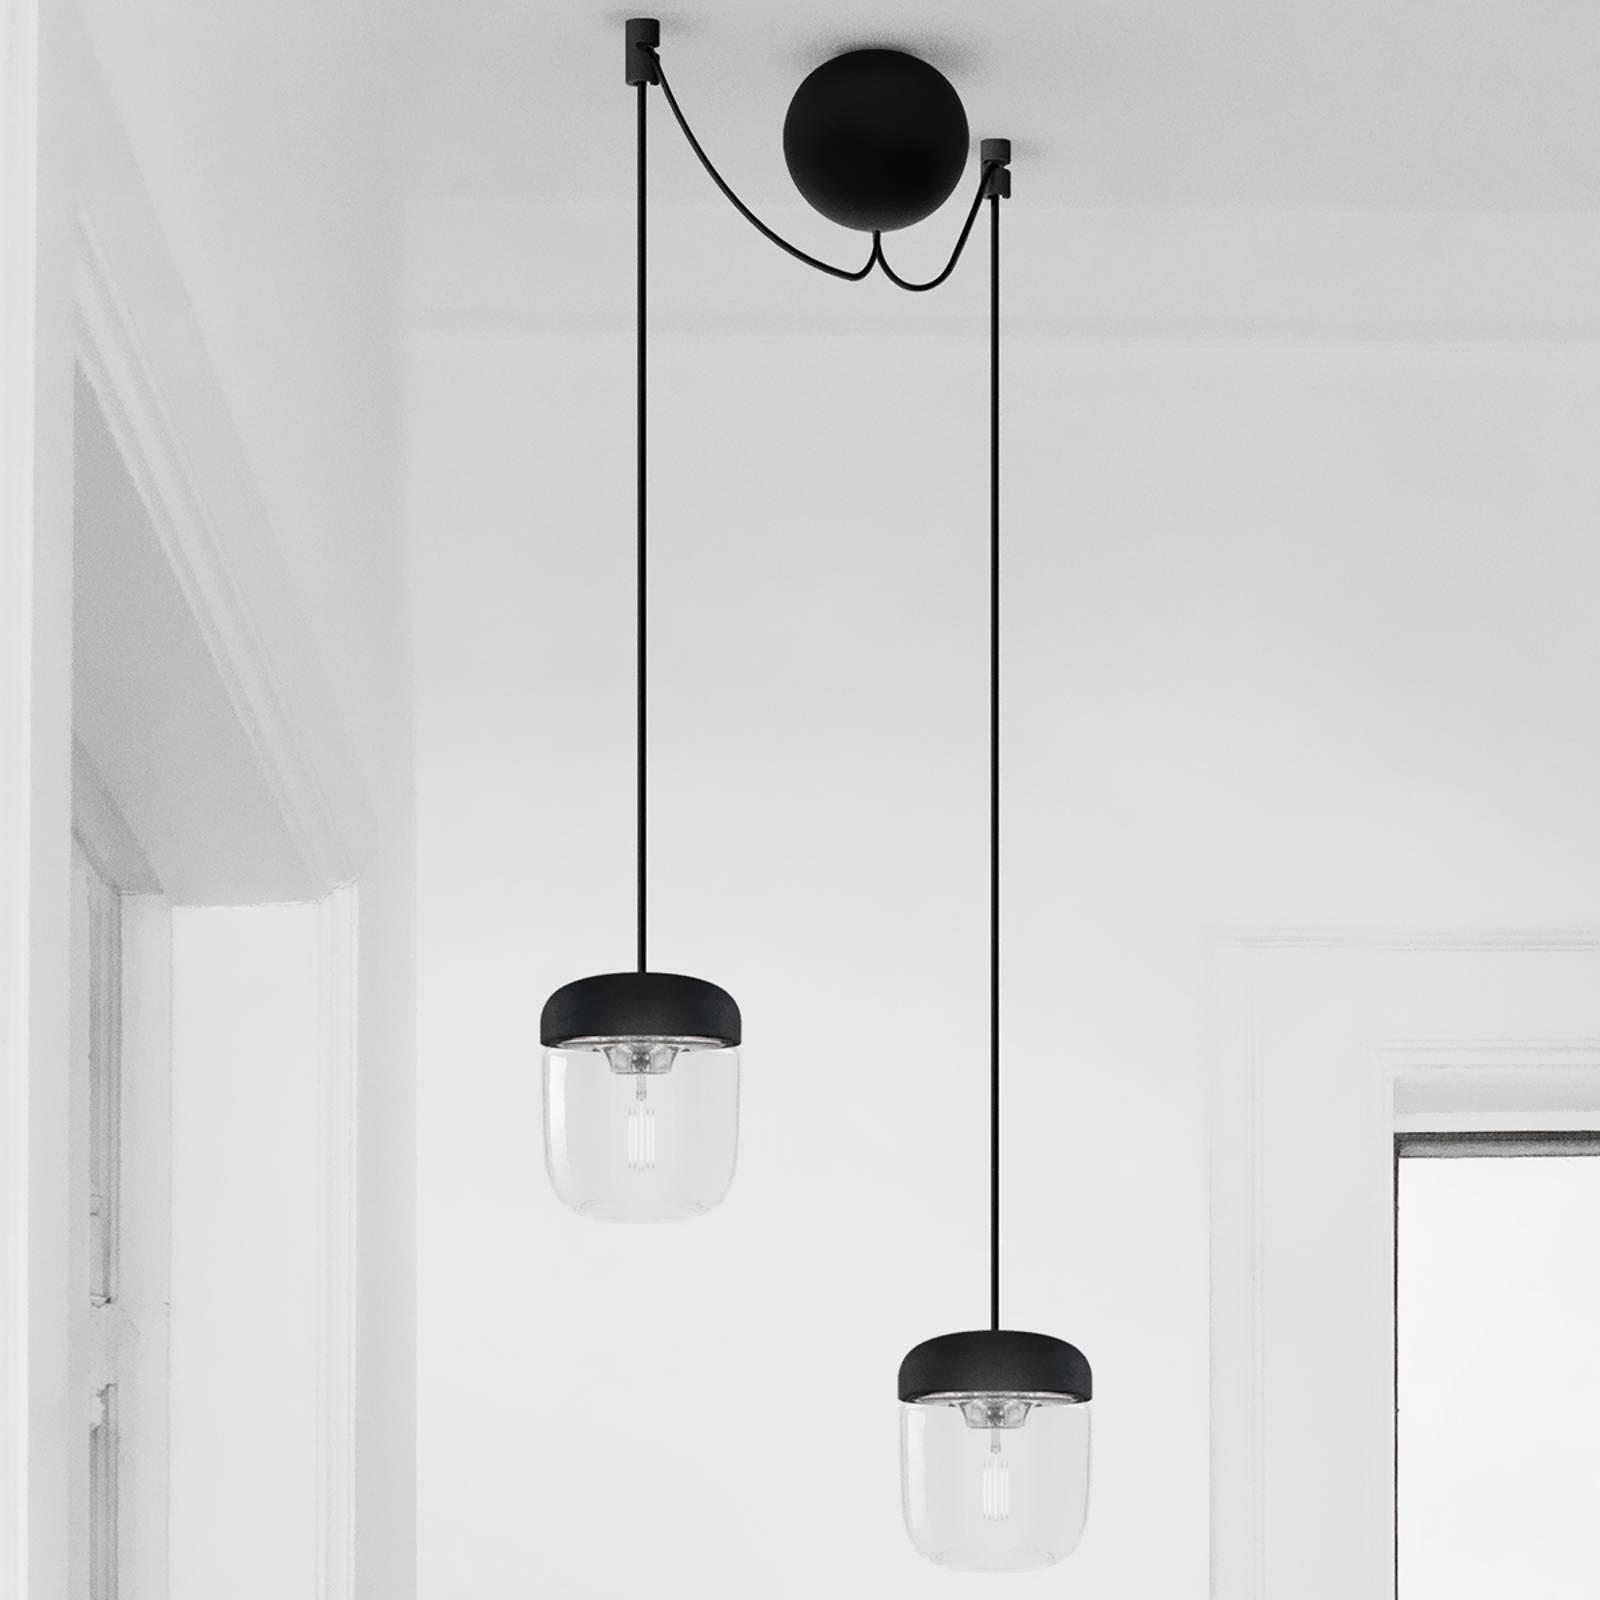 UMAGE Acorn hanglamp zwart/staal, 2 lampen